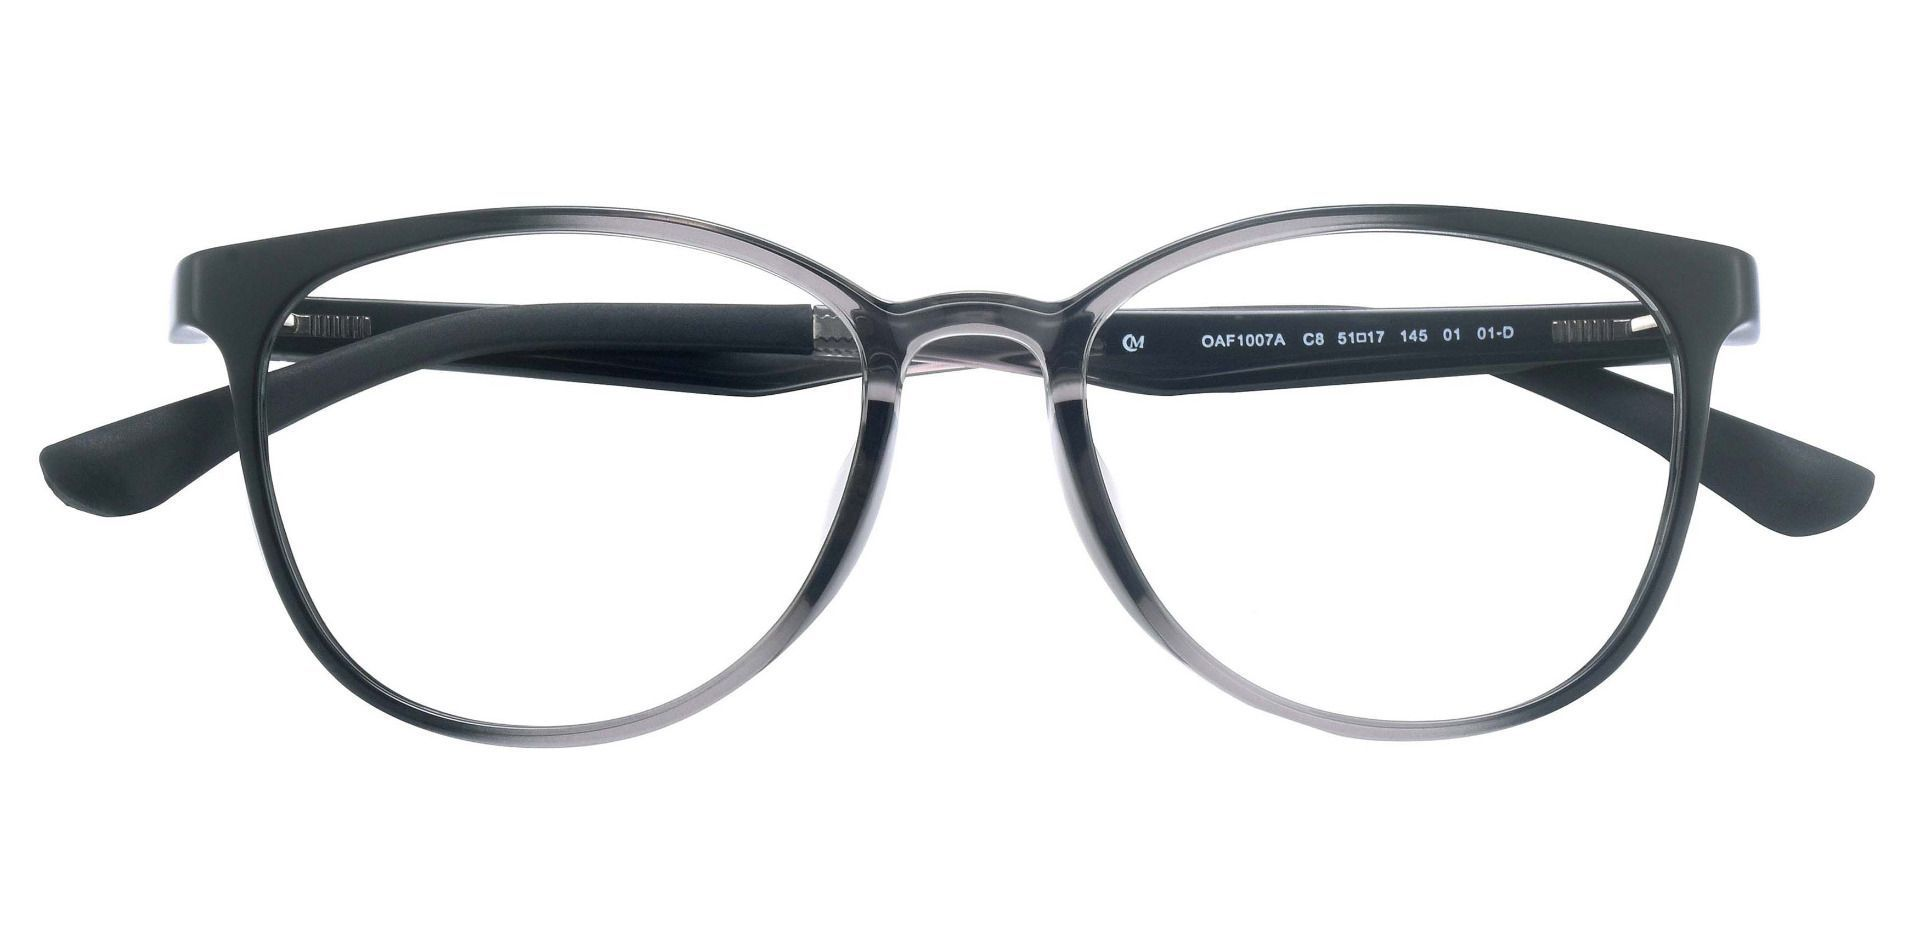 McGregor Oval Prescription Glasses - Gray